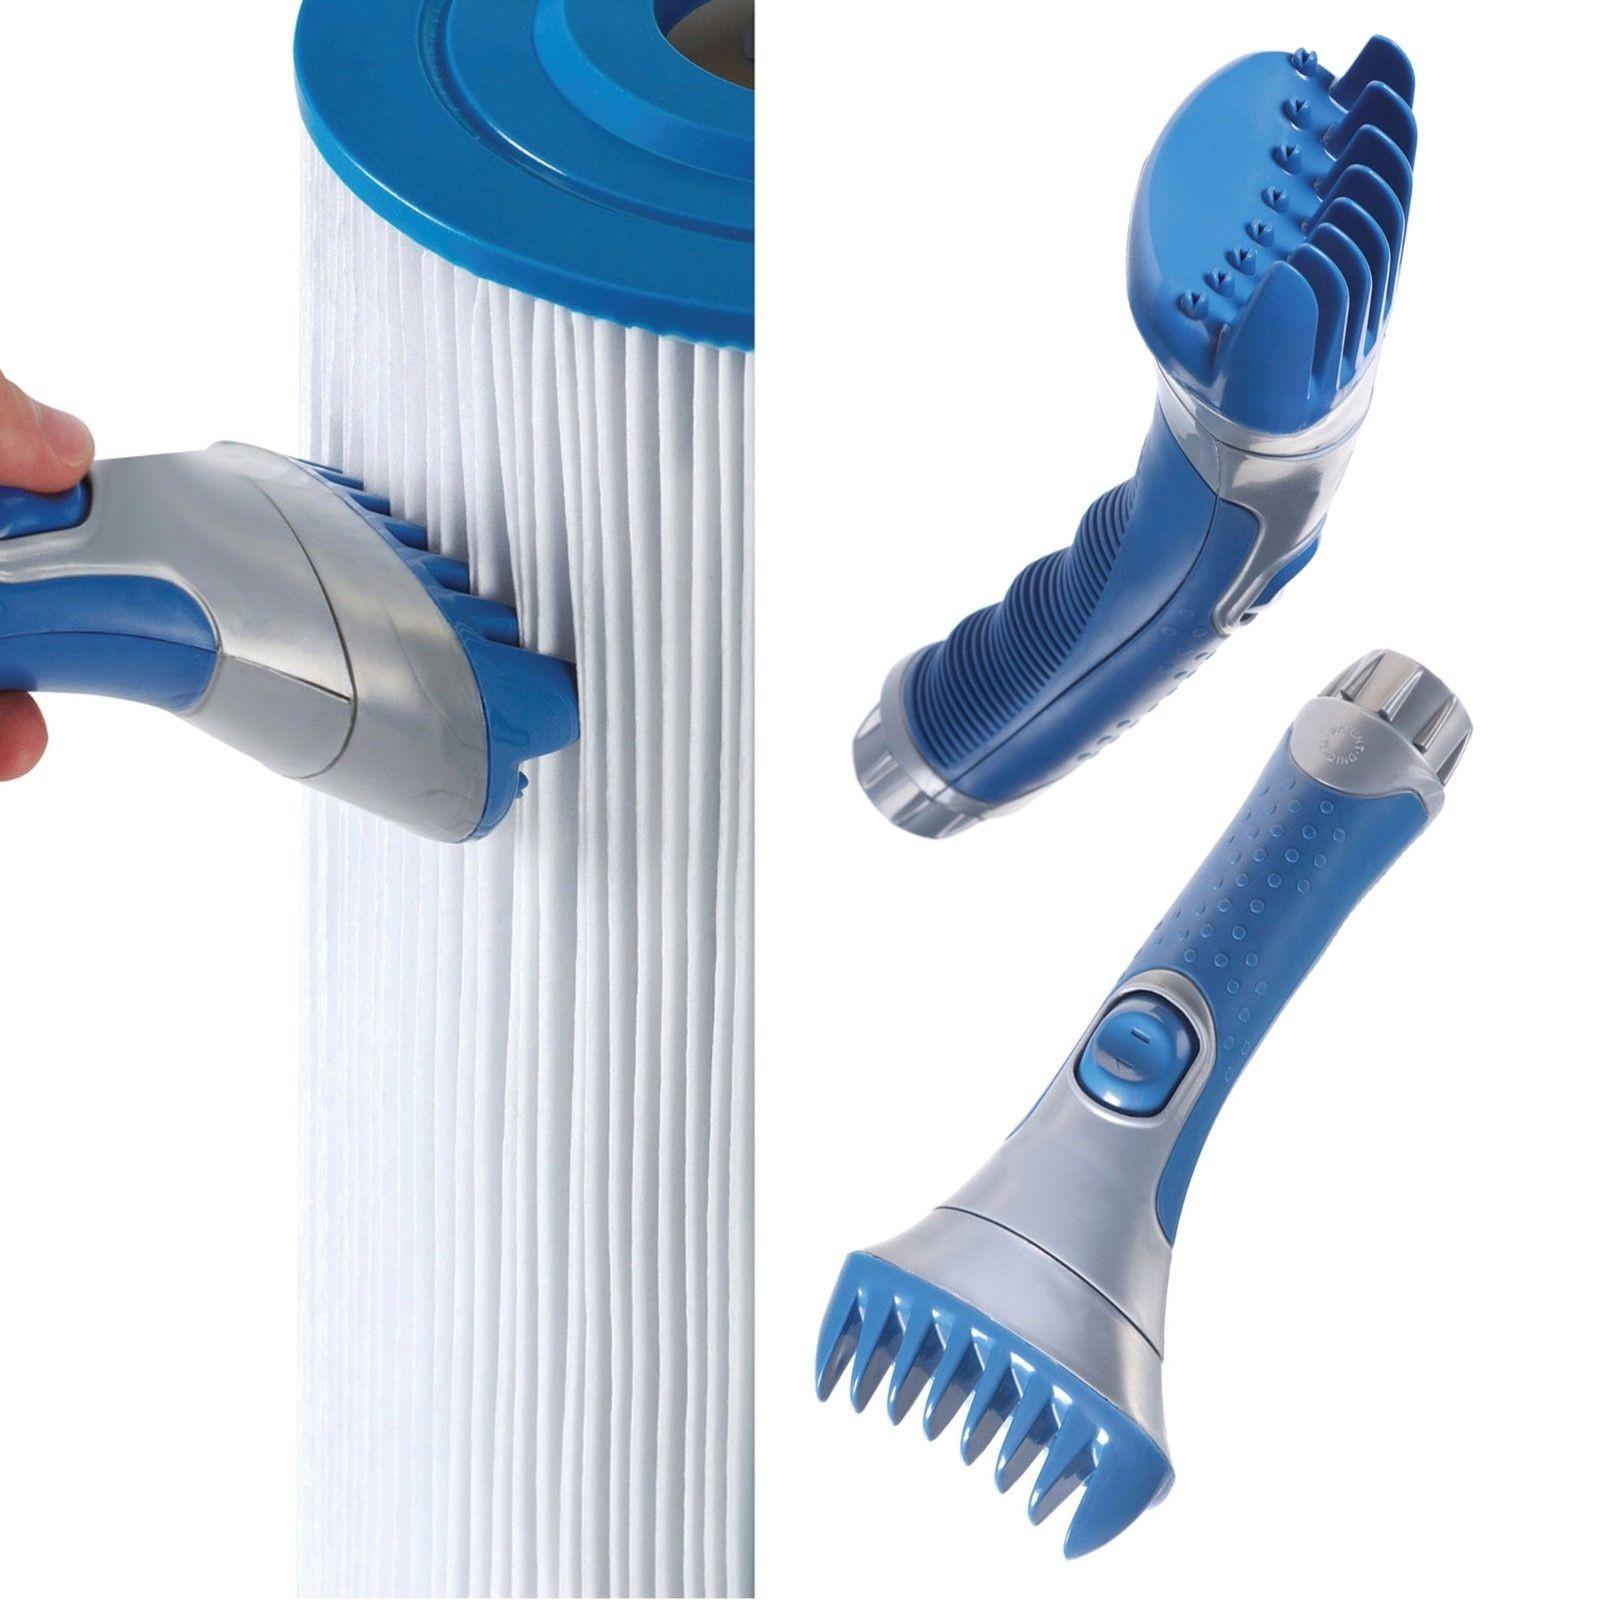 Nettoyer Filtre Spa Vinaigre Blanc tout nettoyer: nettoyer filtre piscine avec bicarbonate